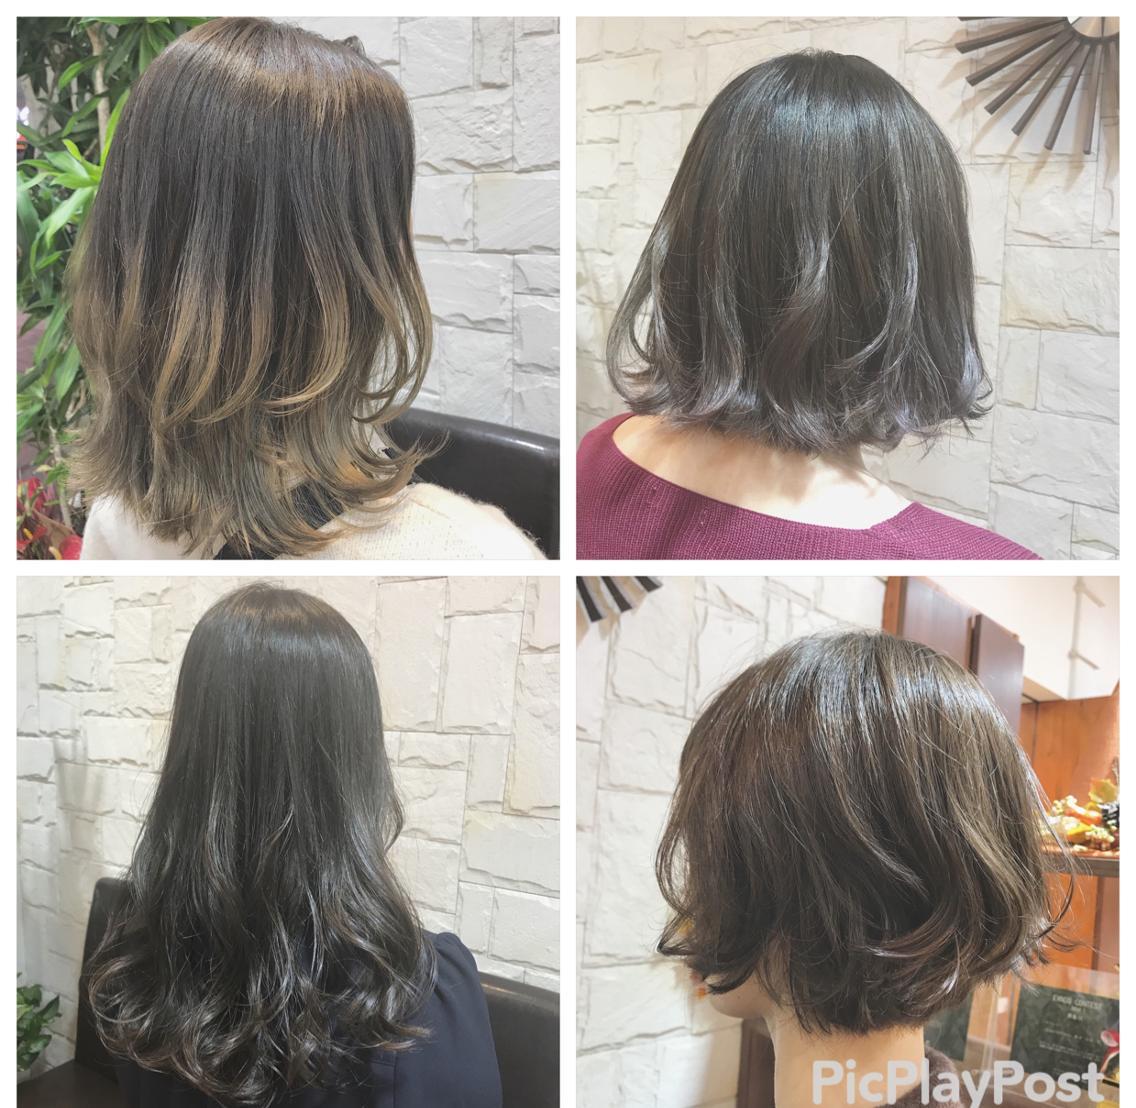 【❤️当日予約ok❤️】ケア重視のmenuなので髪の毛を美しく保ちながらお洒落が楽しめます!髪のお悩みがある方ご相談ください!365日綺麗な髪の毛を*